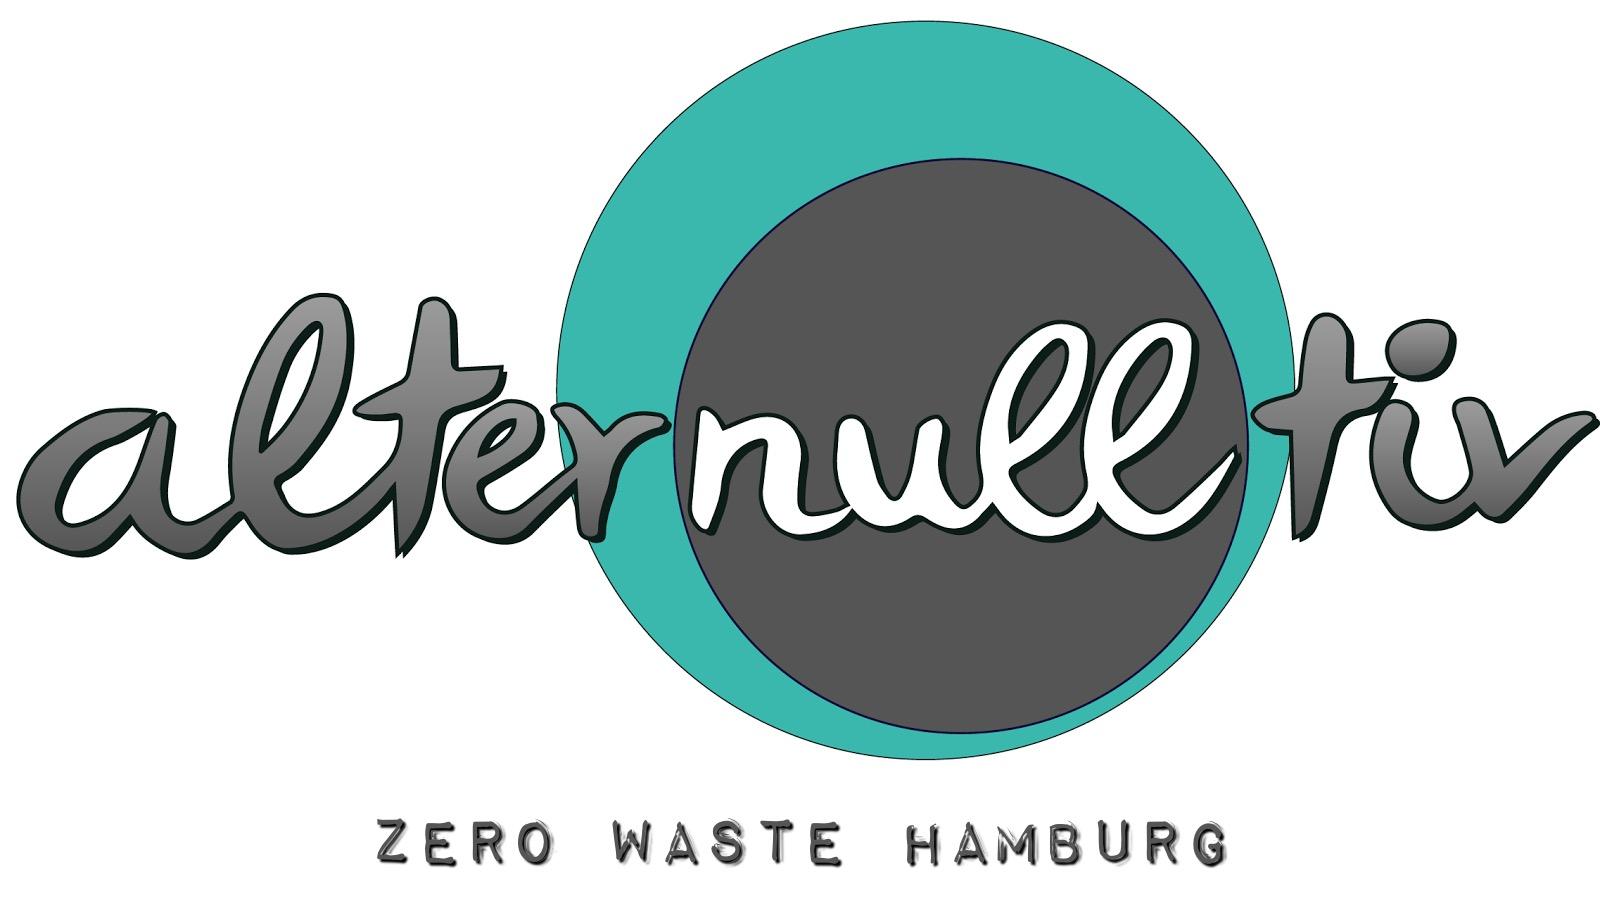 Zero Waste Hamburg